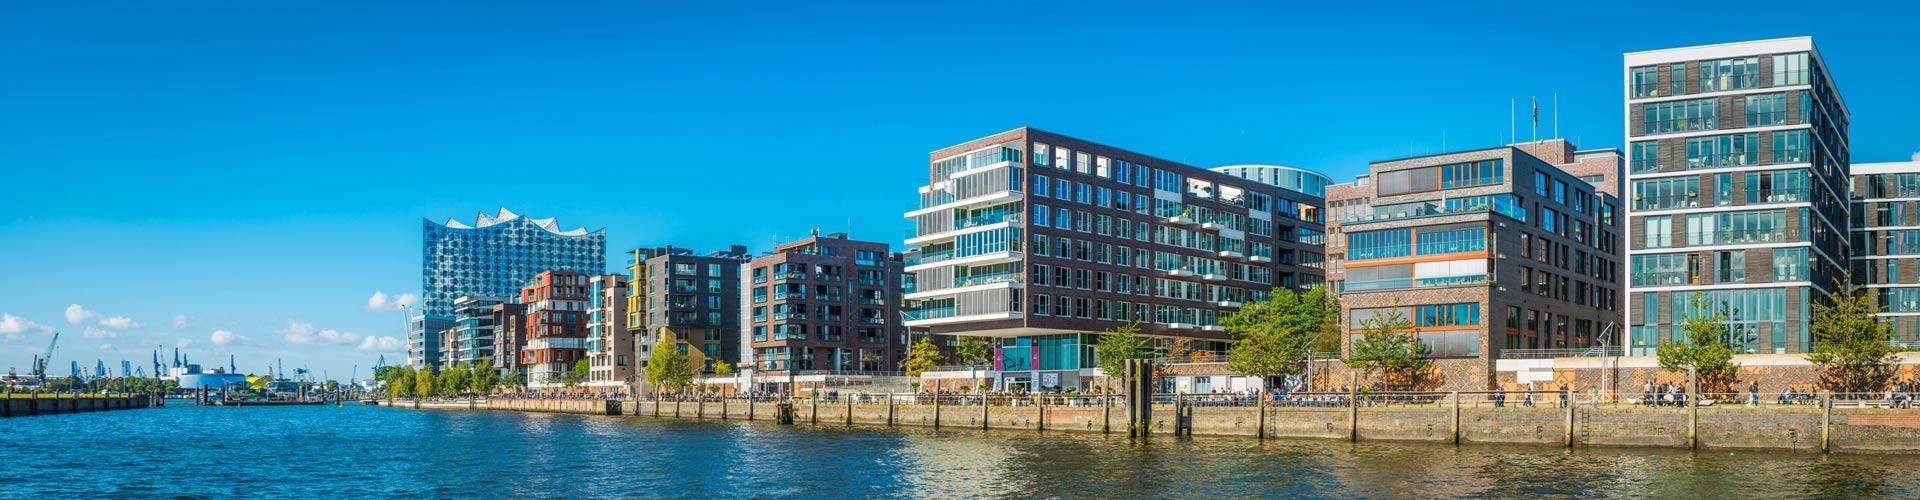 euromicron unterstützt Bauprojekt Campus Futura in der Hamburger HafenCity